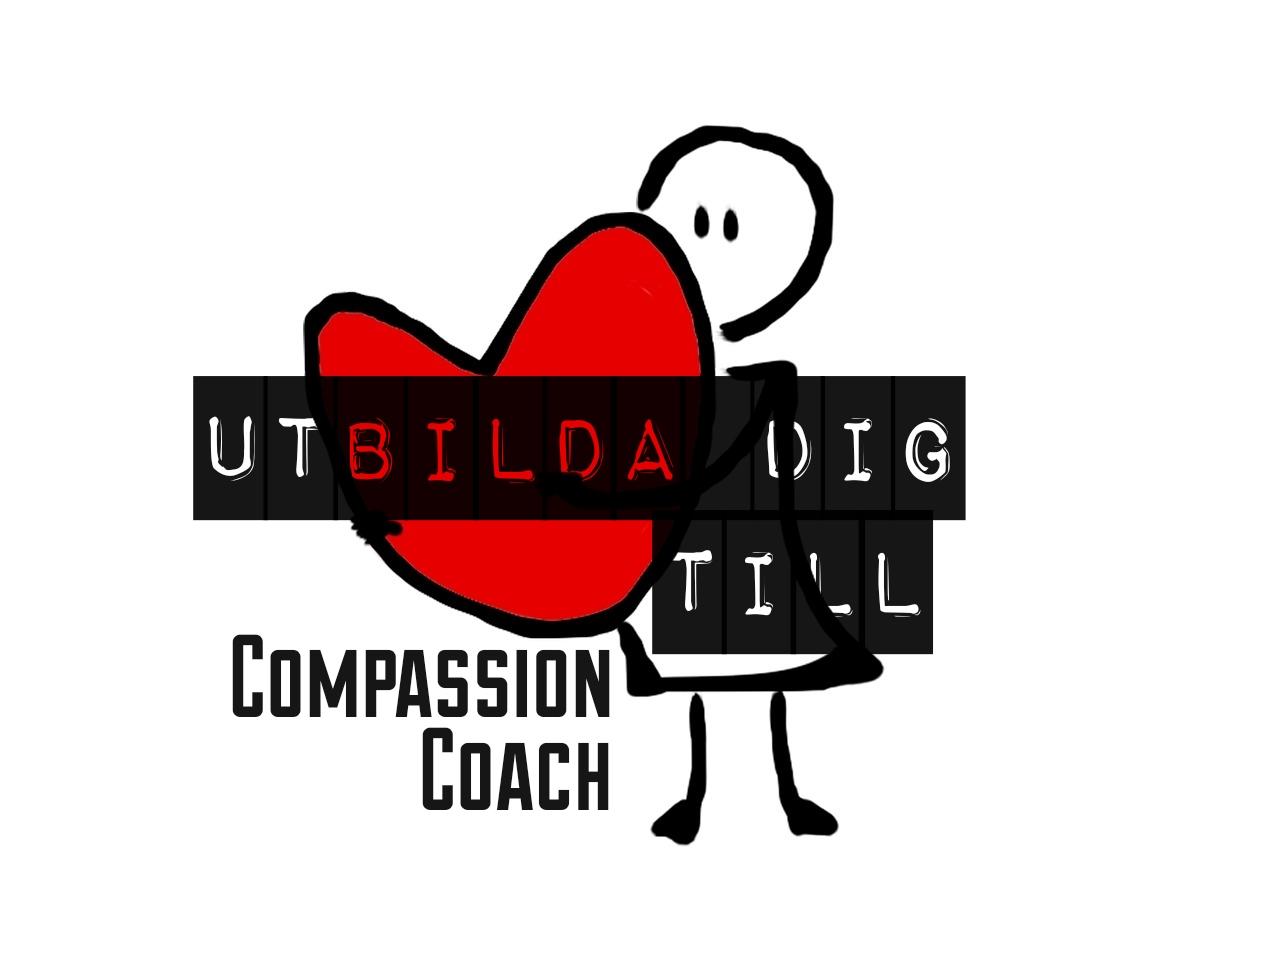 Compassion coach